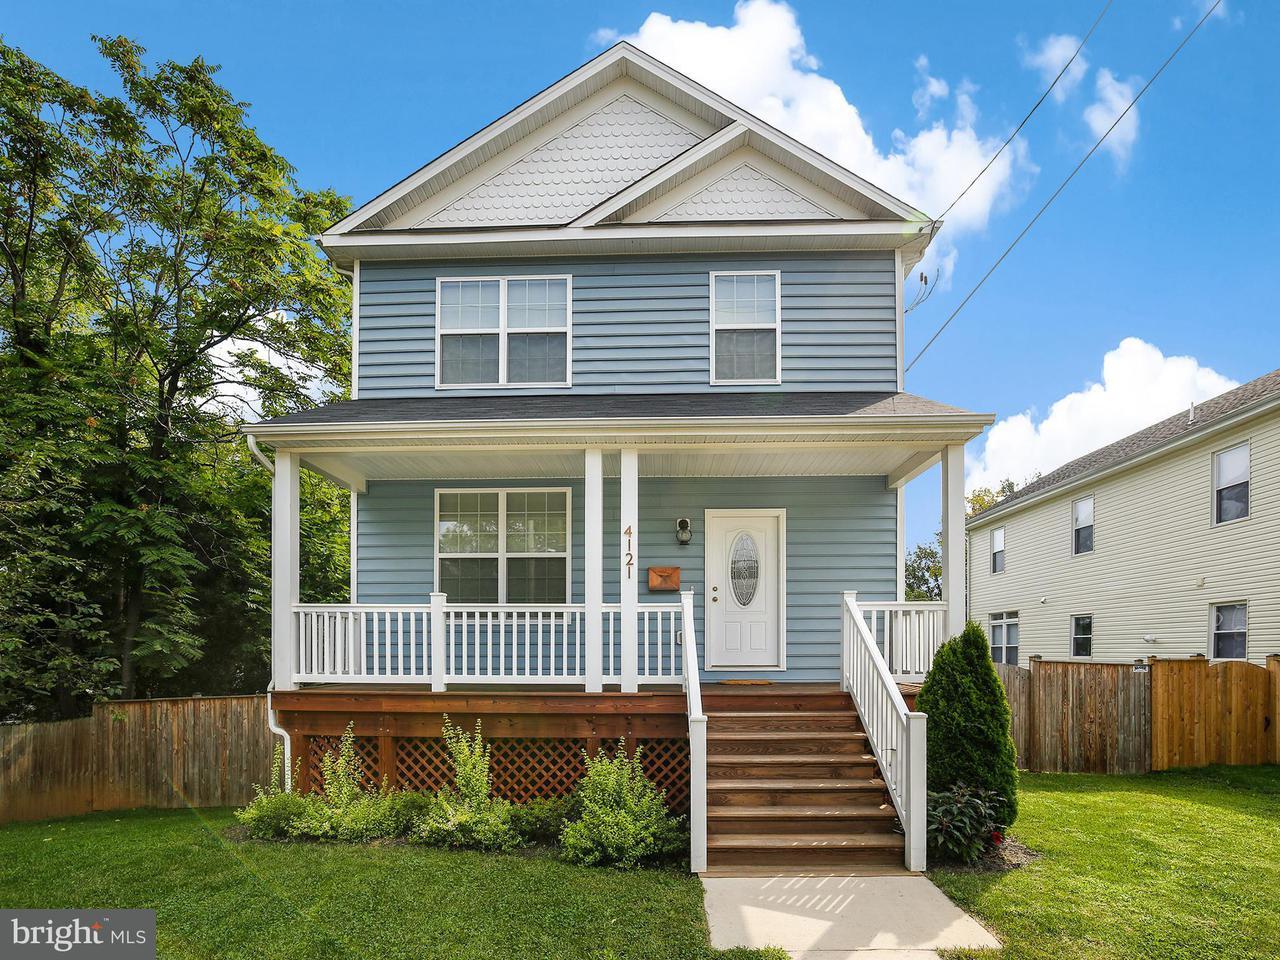 Casa Unifamiliar por un Venta en 4121 34th Street 4121 34th Street Mount Rainier, Maryland 20712 Estados Unidos